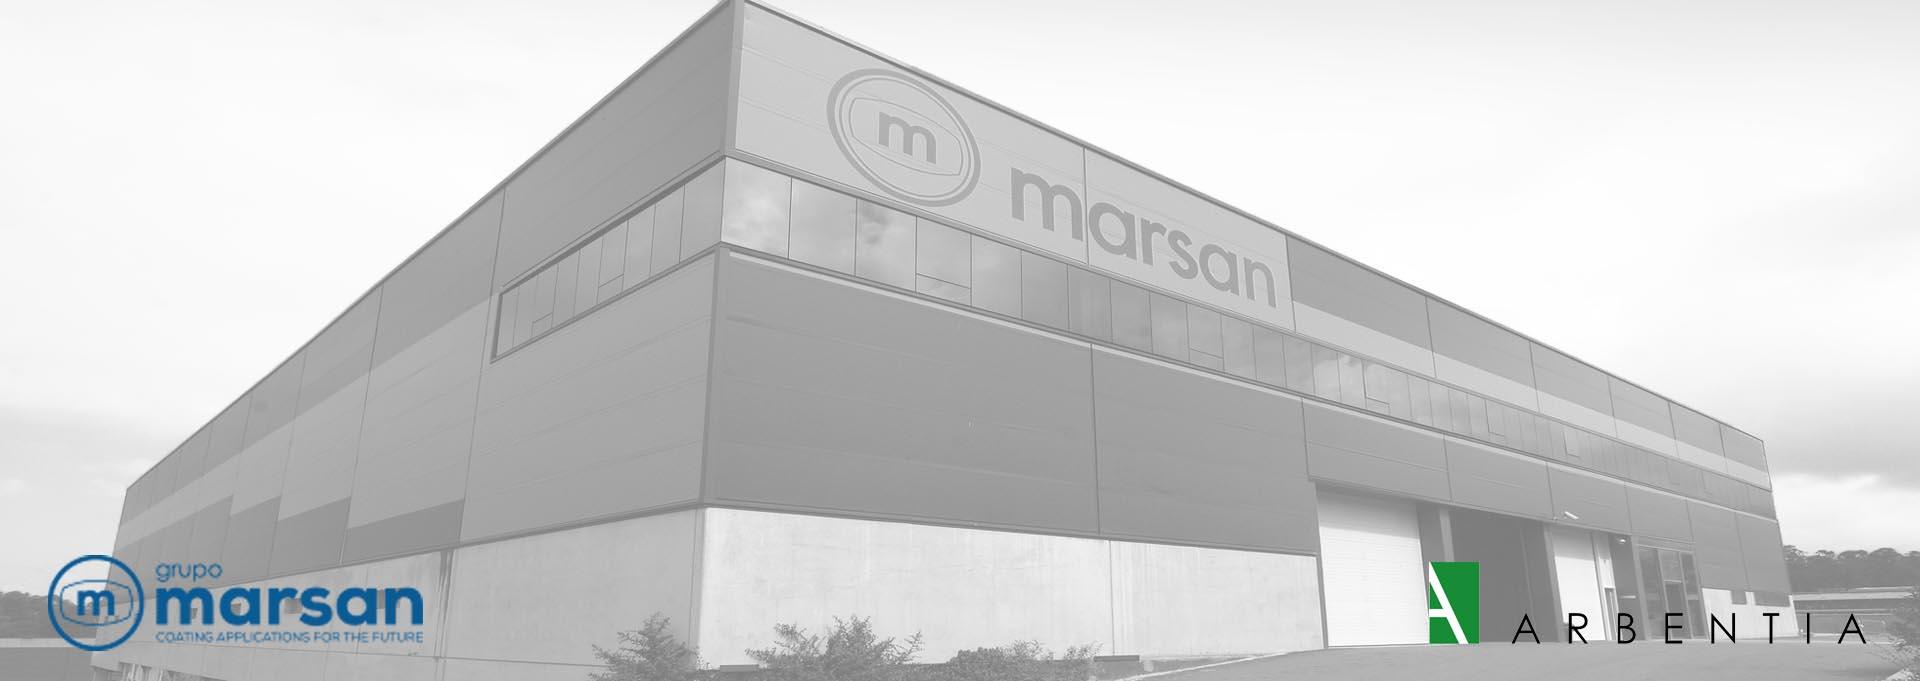 Grupo Marsan | Caso de éxito Microsoft Dynamics NAV en Vigo